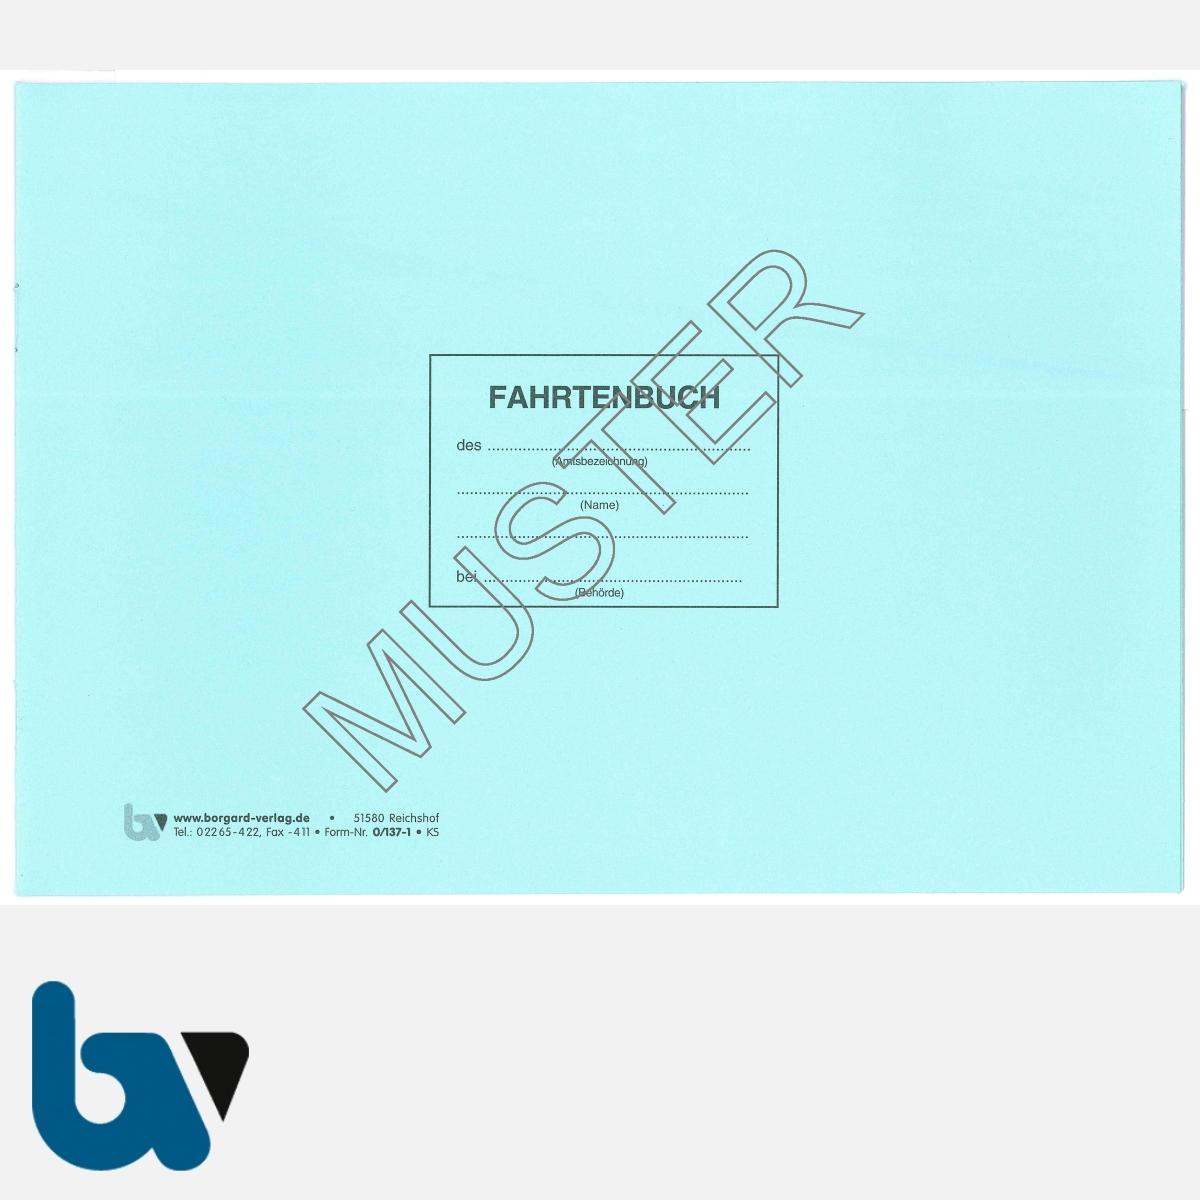 0/137-1 Fahrtenbuch beamteneigene privateigene Fahrzeug Dienstreise dienstlich Verwaltung Behörde DIN A5 Seite 1 | Borgard Verlag GmbH